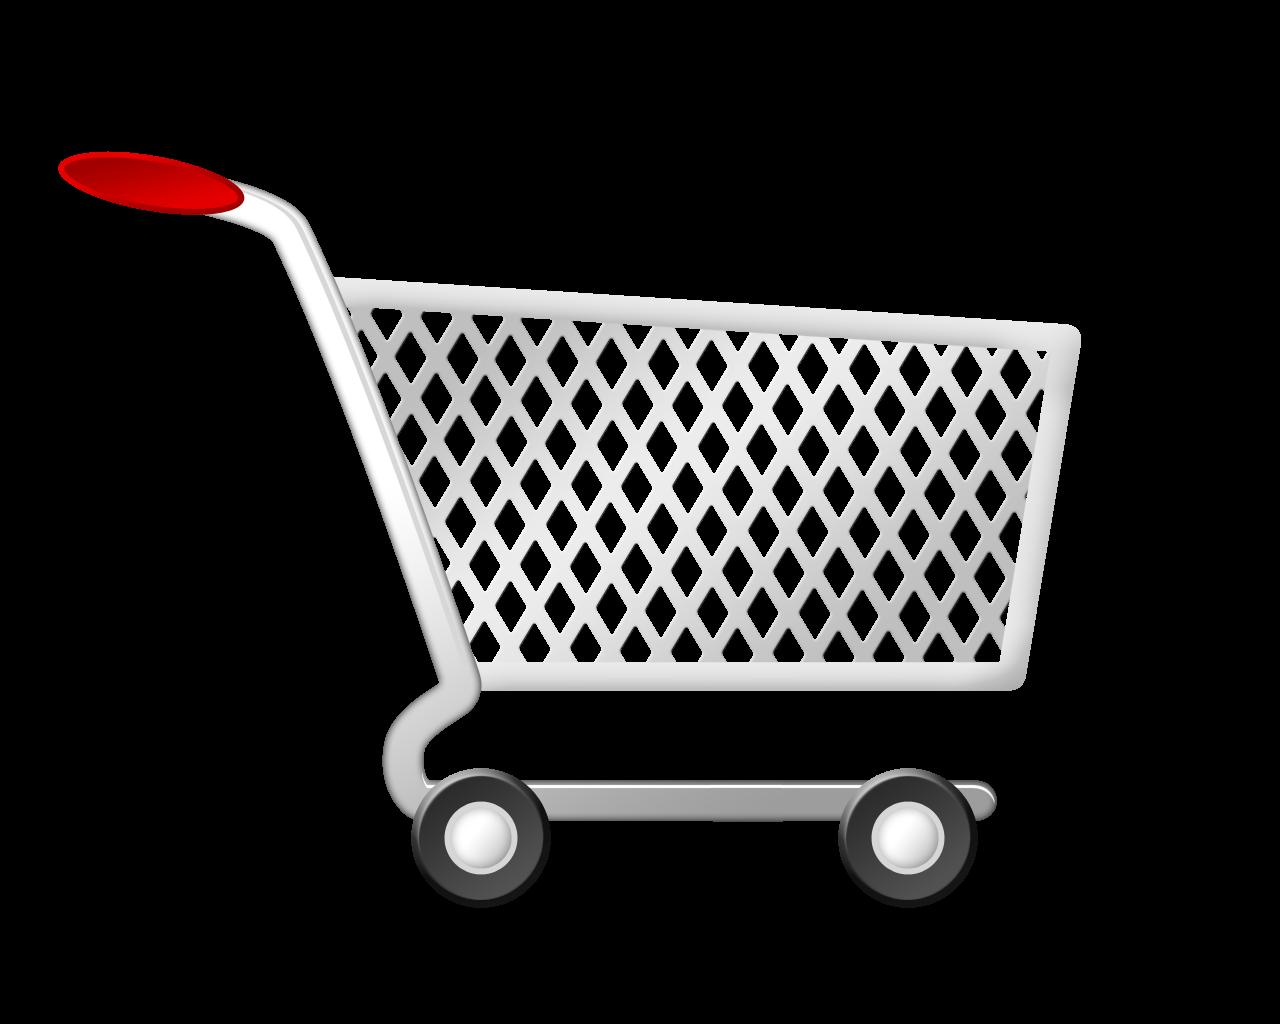 L'e-commerce vincente tradotto da Google